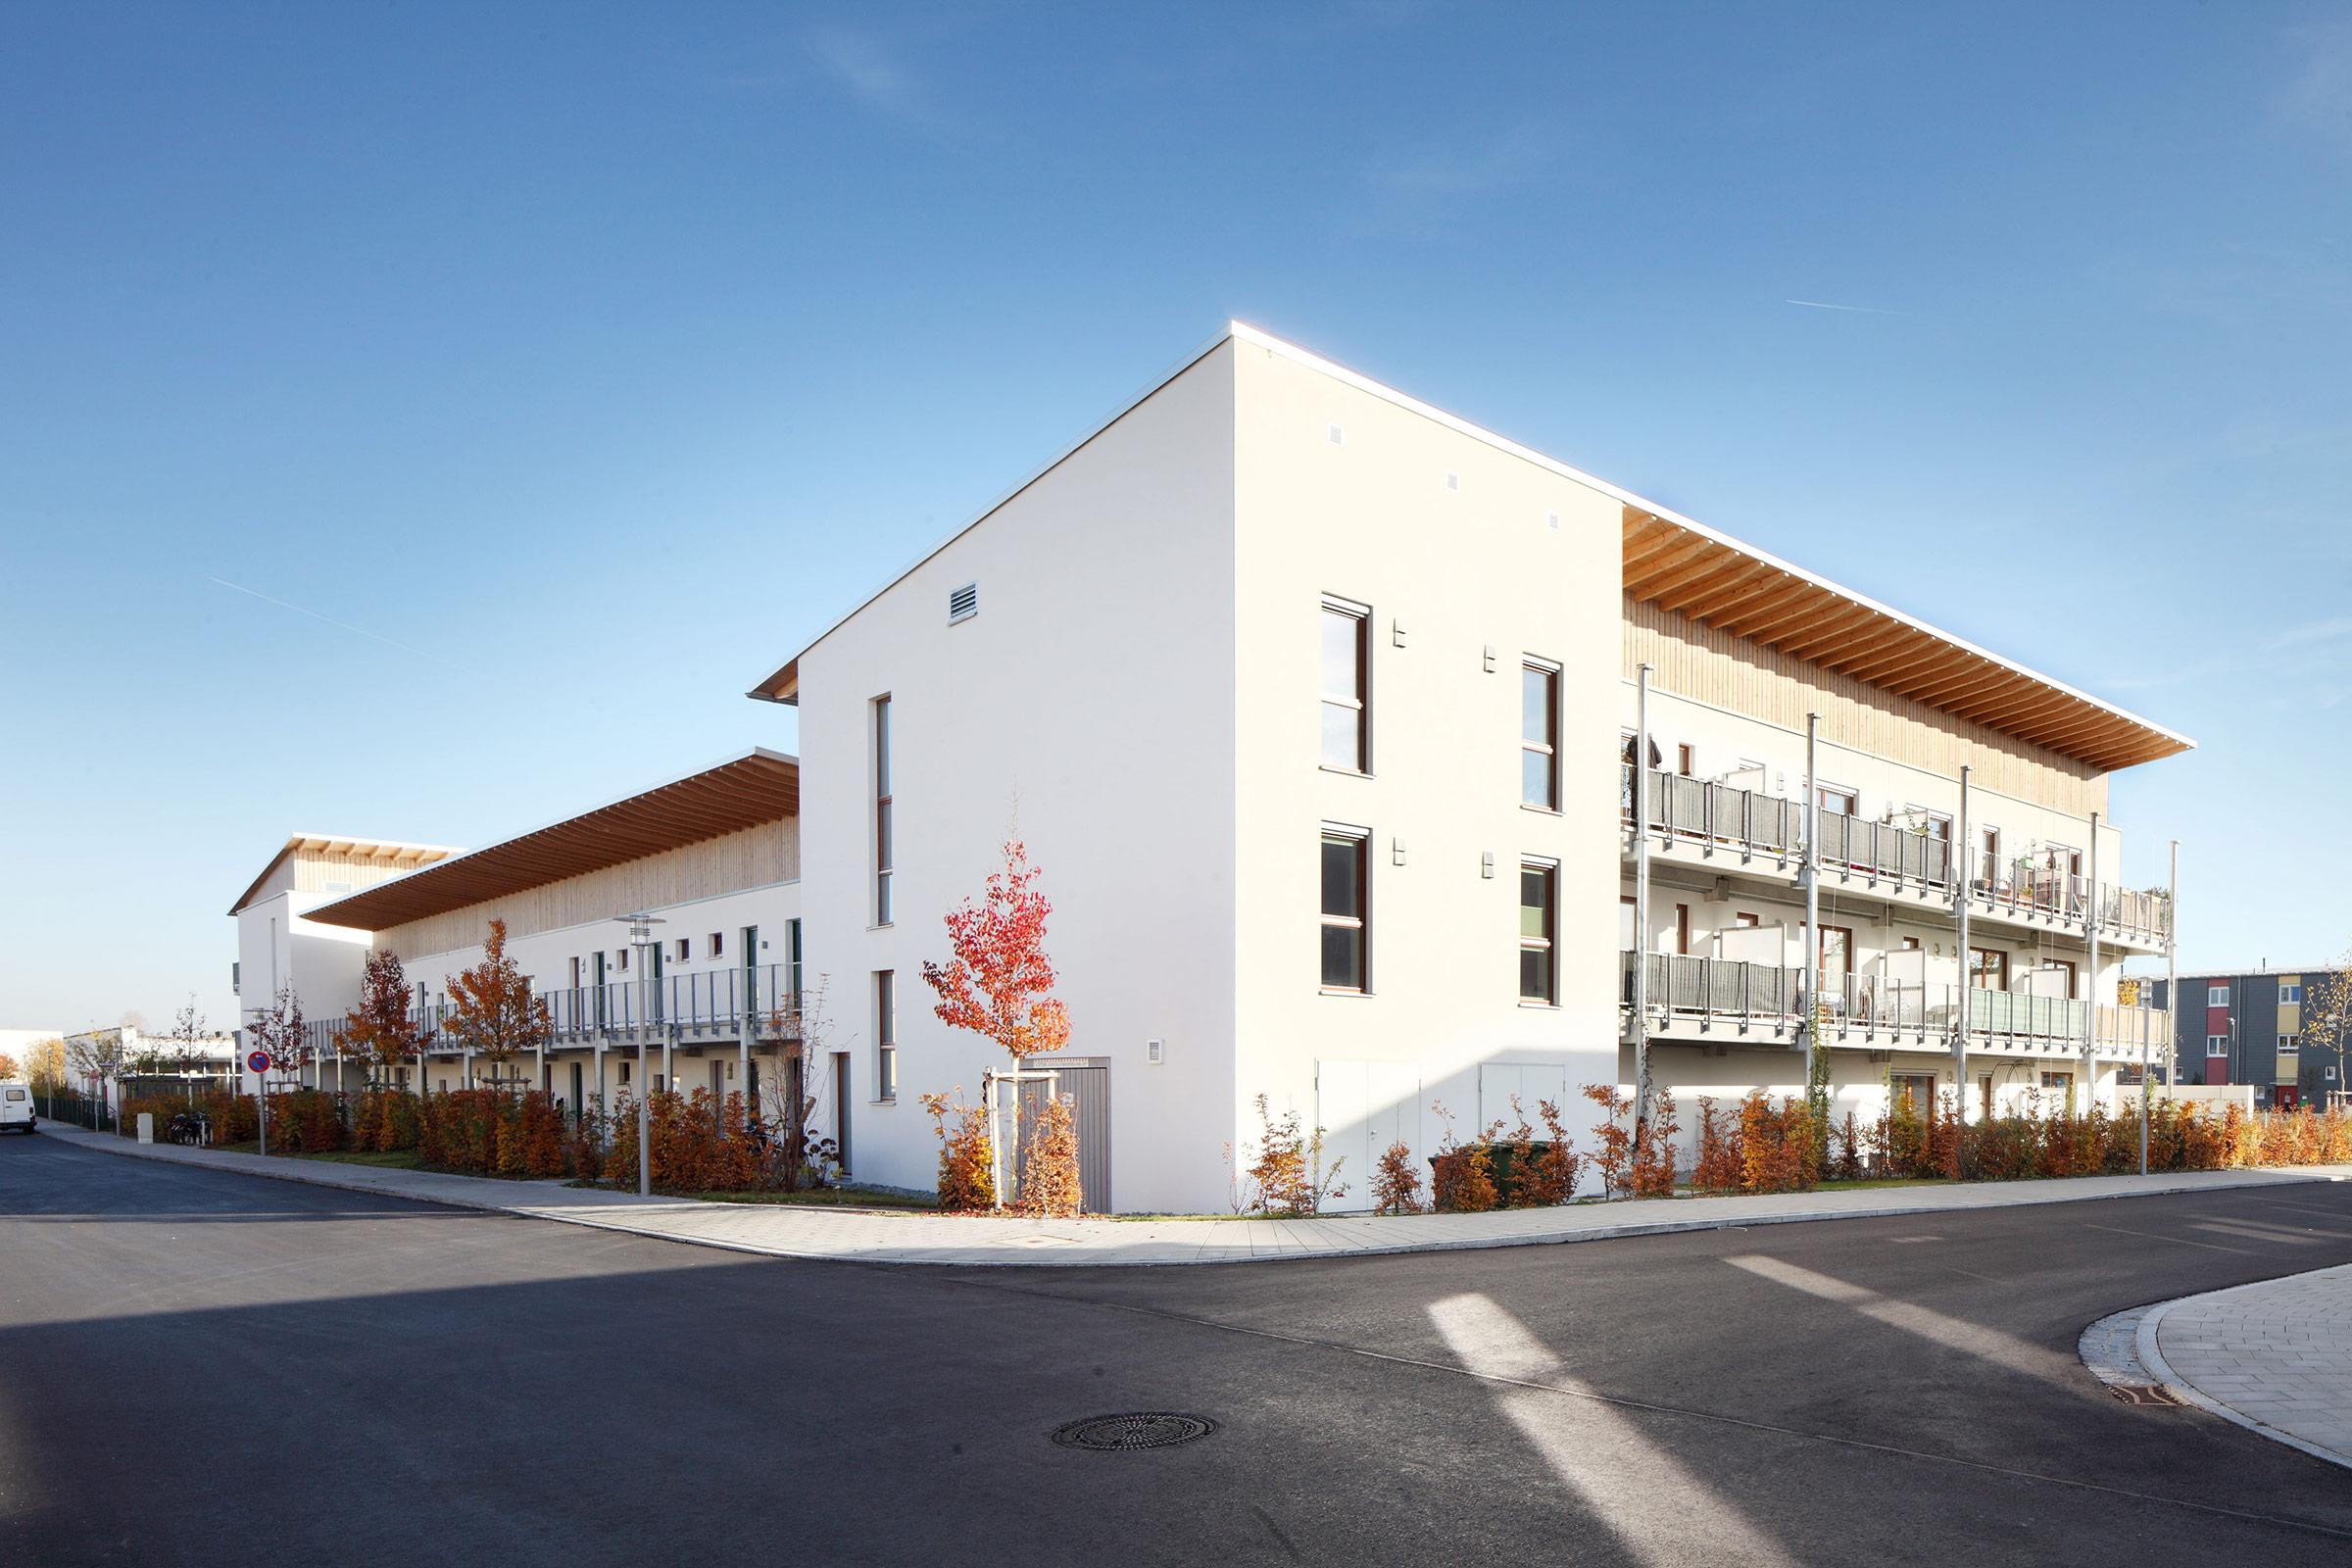 Nabau eG – Wohnraum für Regensburg